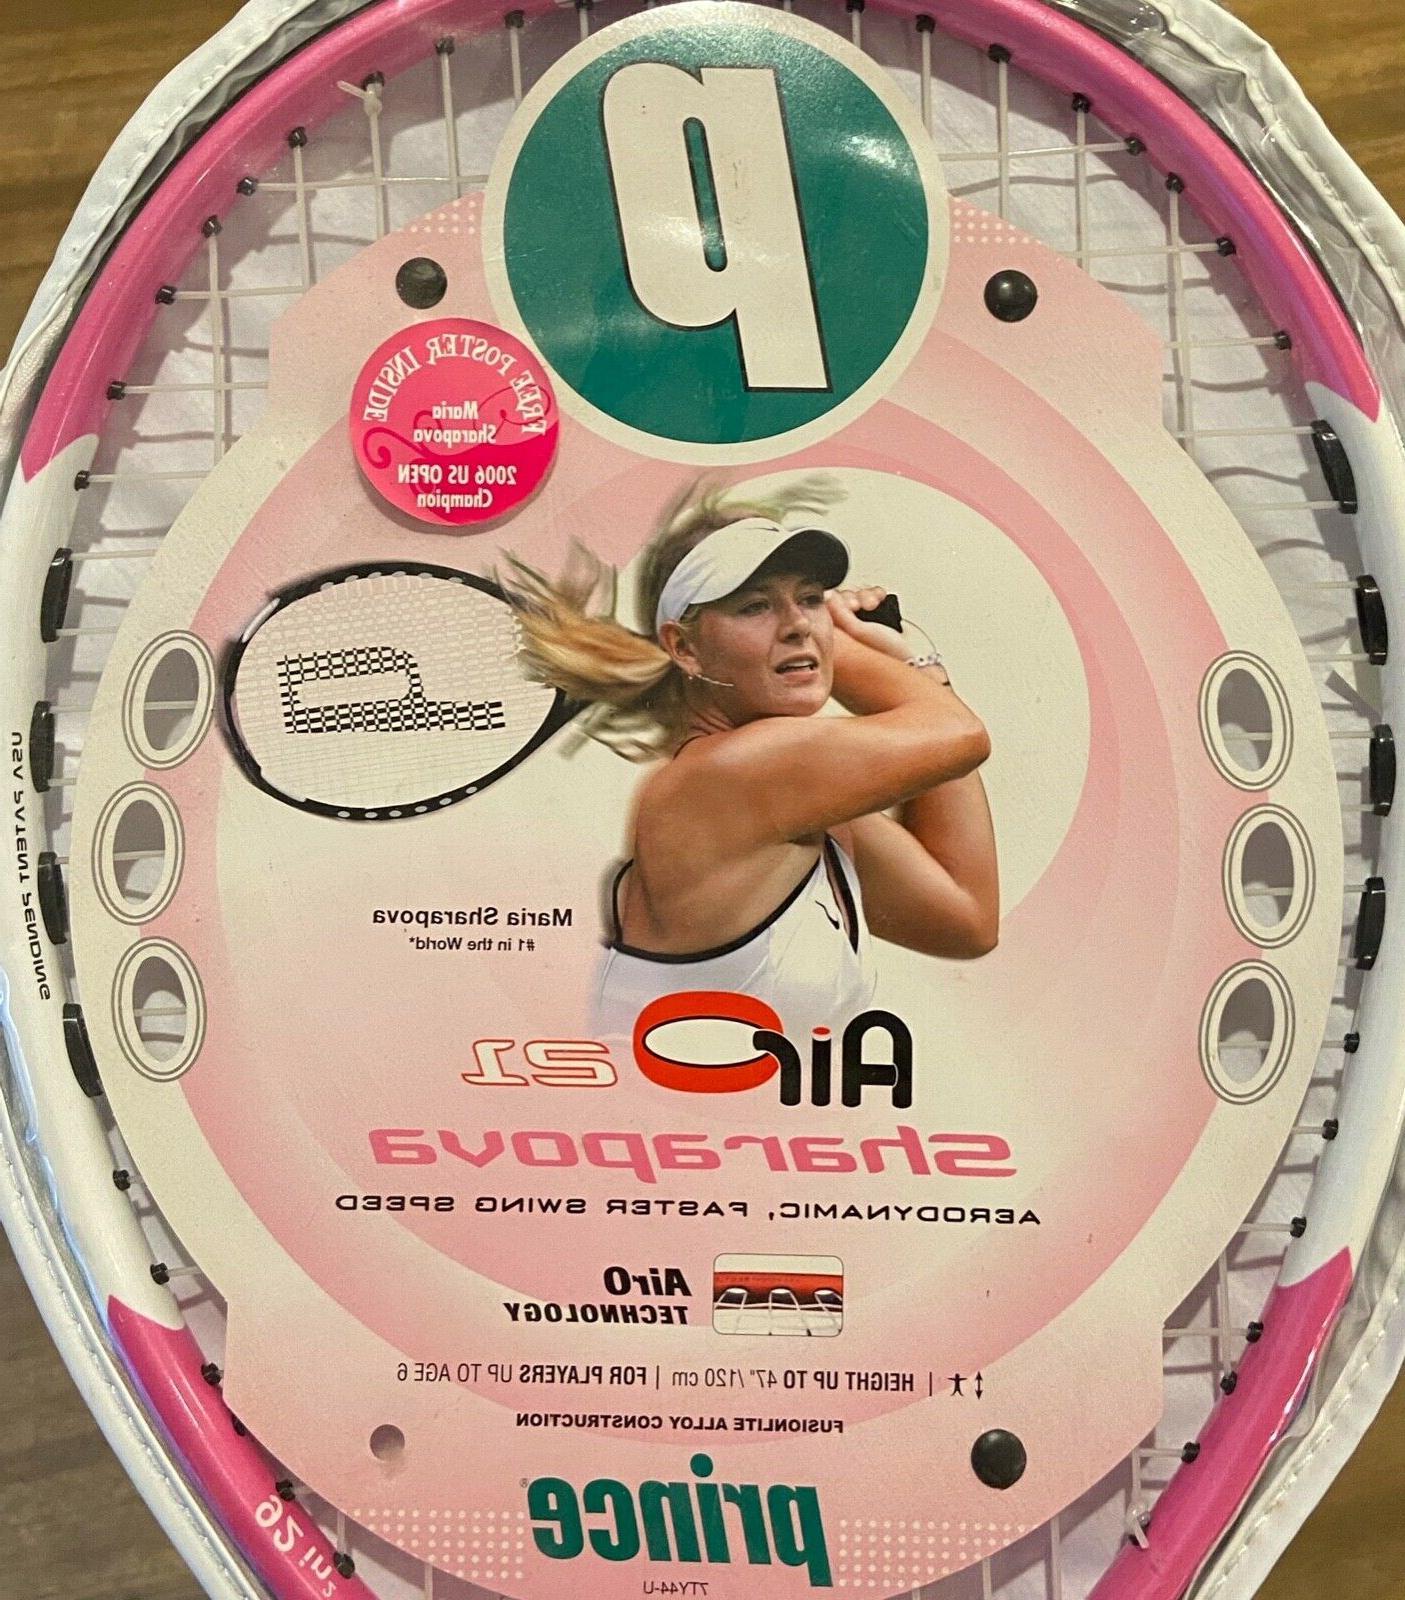 airo sharapova 21 beginner tennis racket